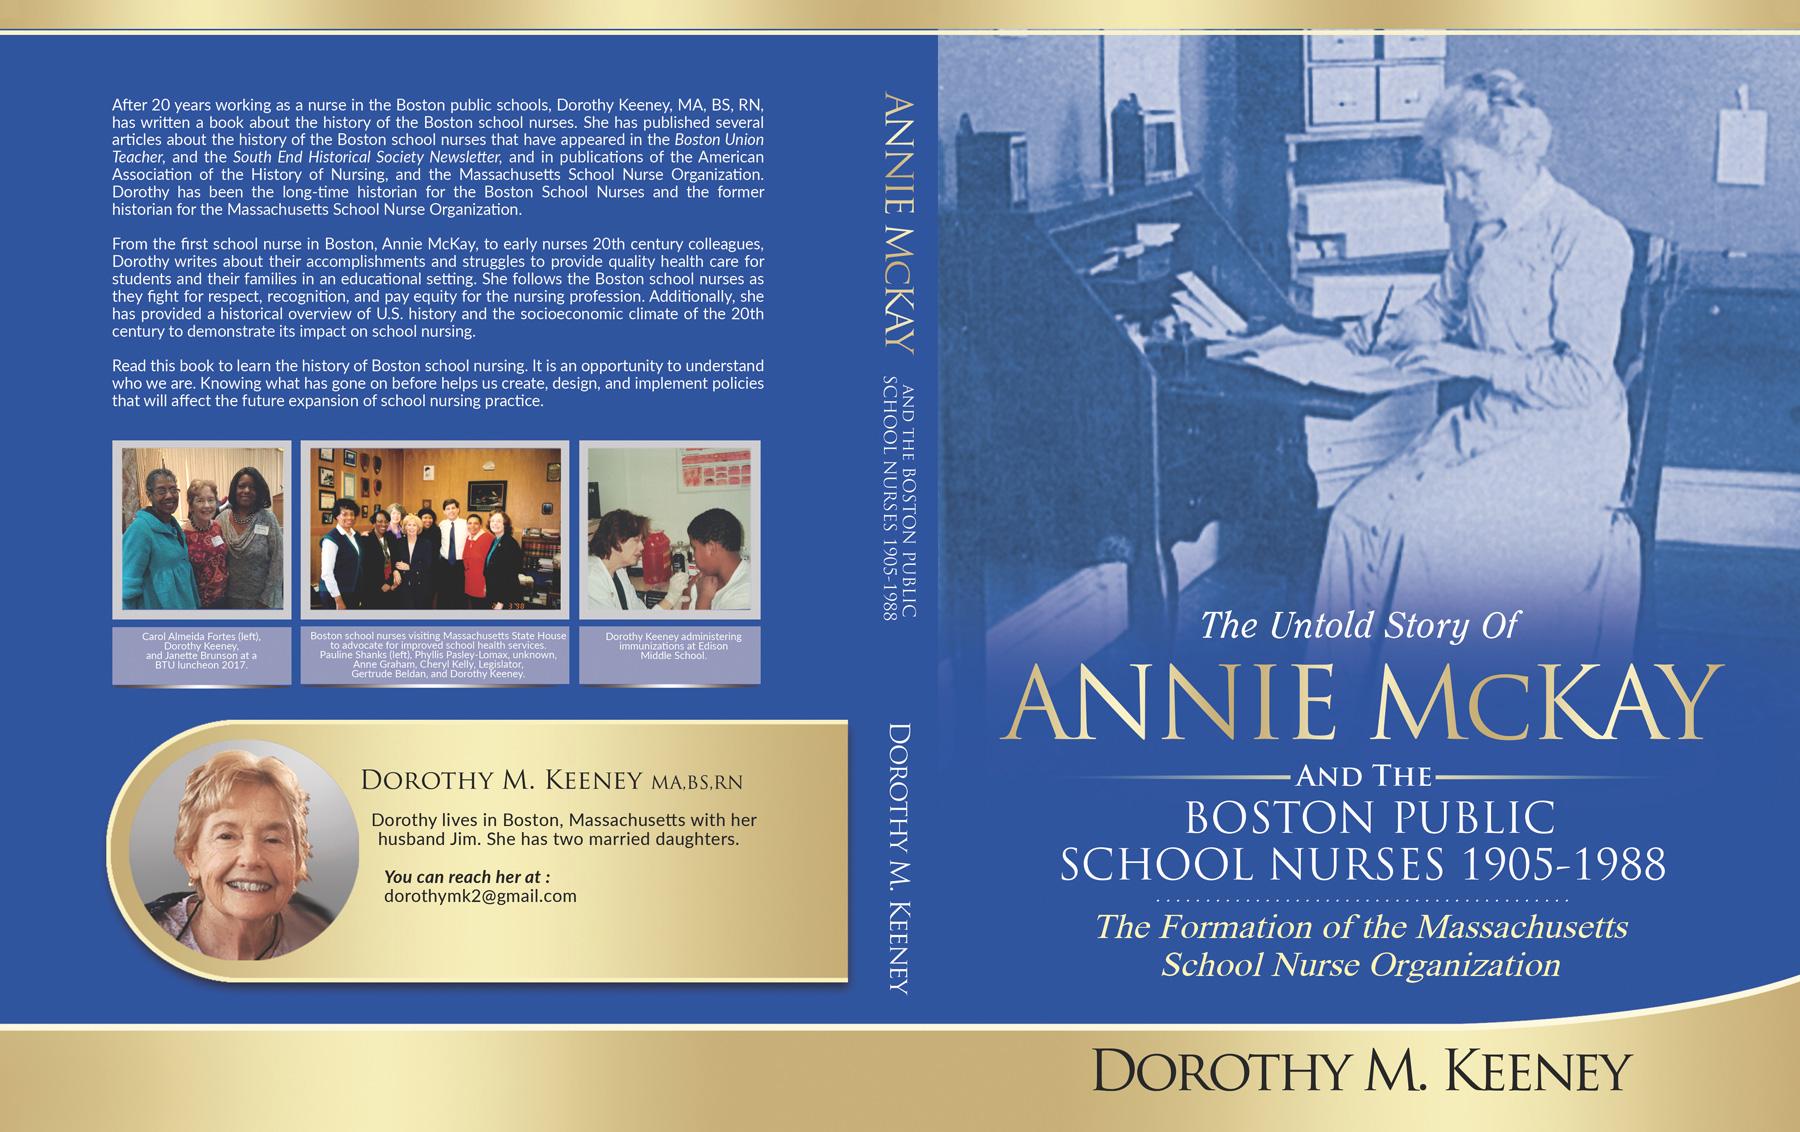 annie-mackay-book-jacket